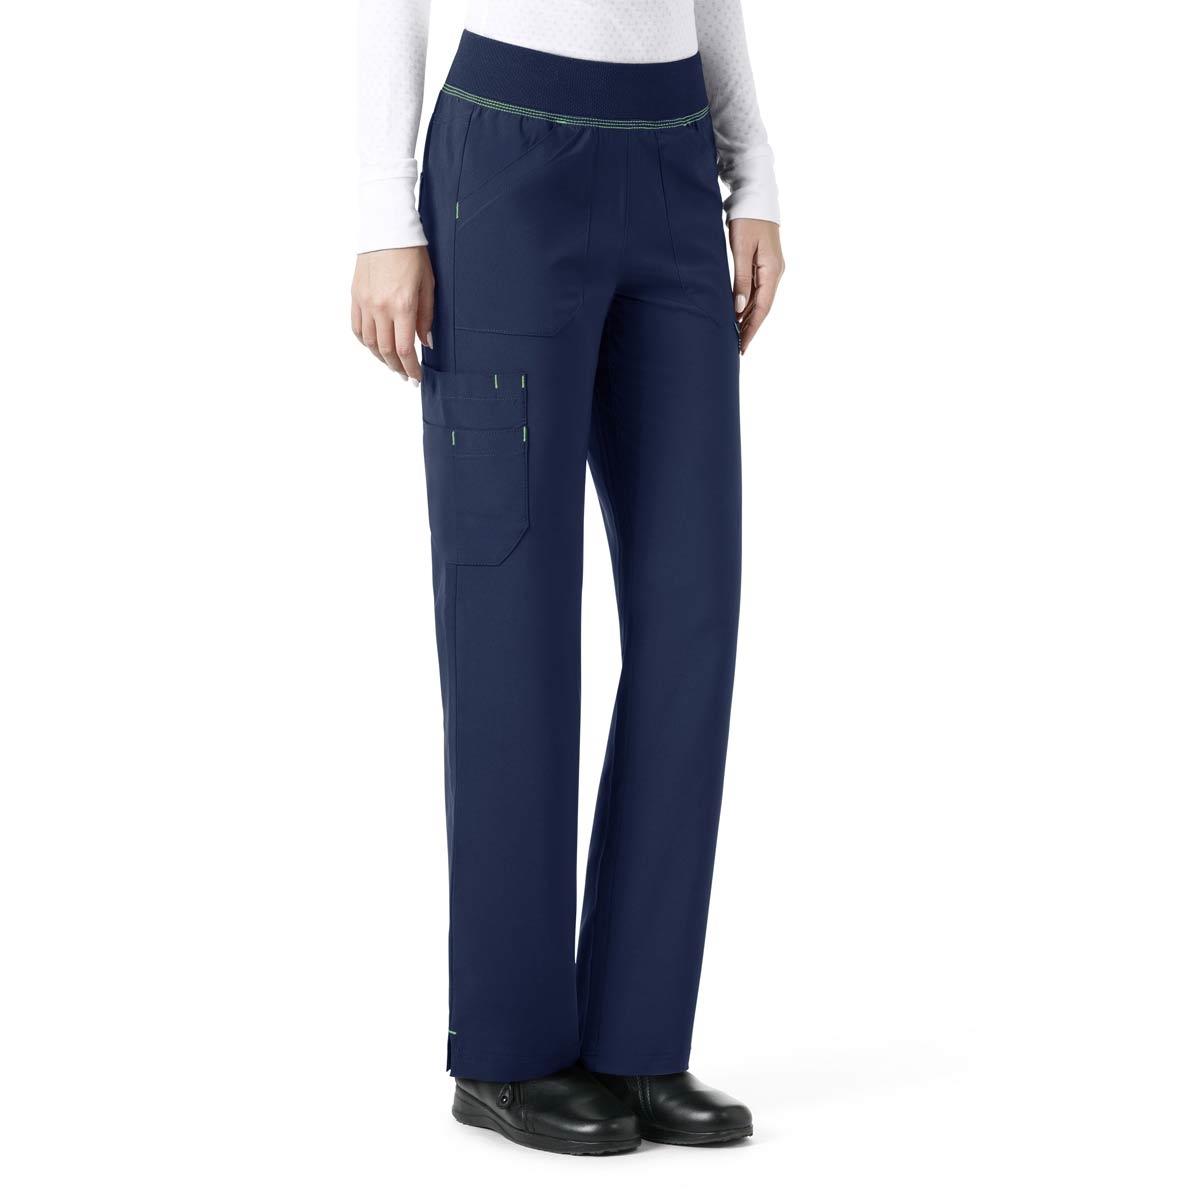 0e6362108b3 Carhartt Cross-Flex Women's Knit Waist Straight Leg Cargo Pant